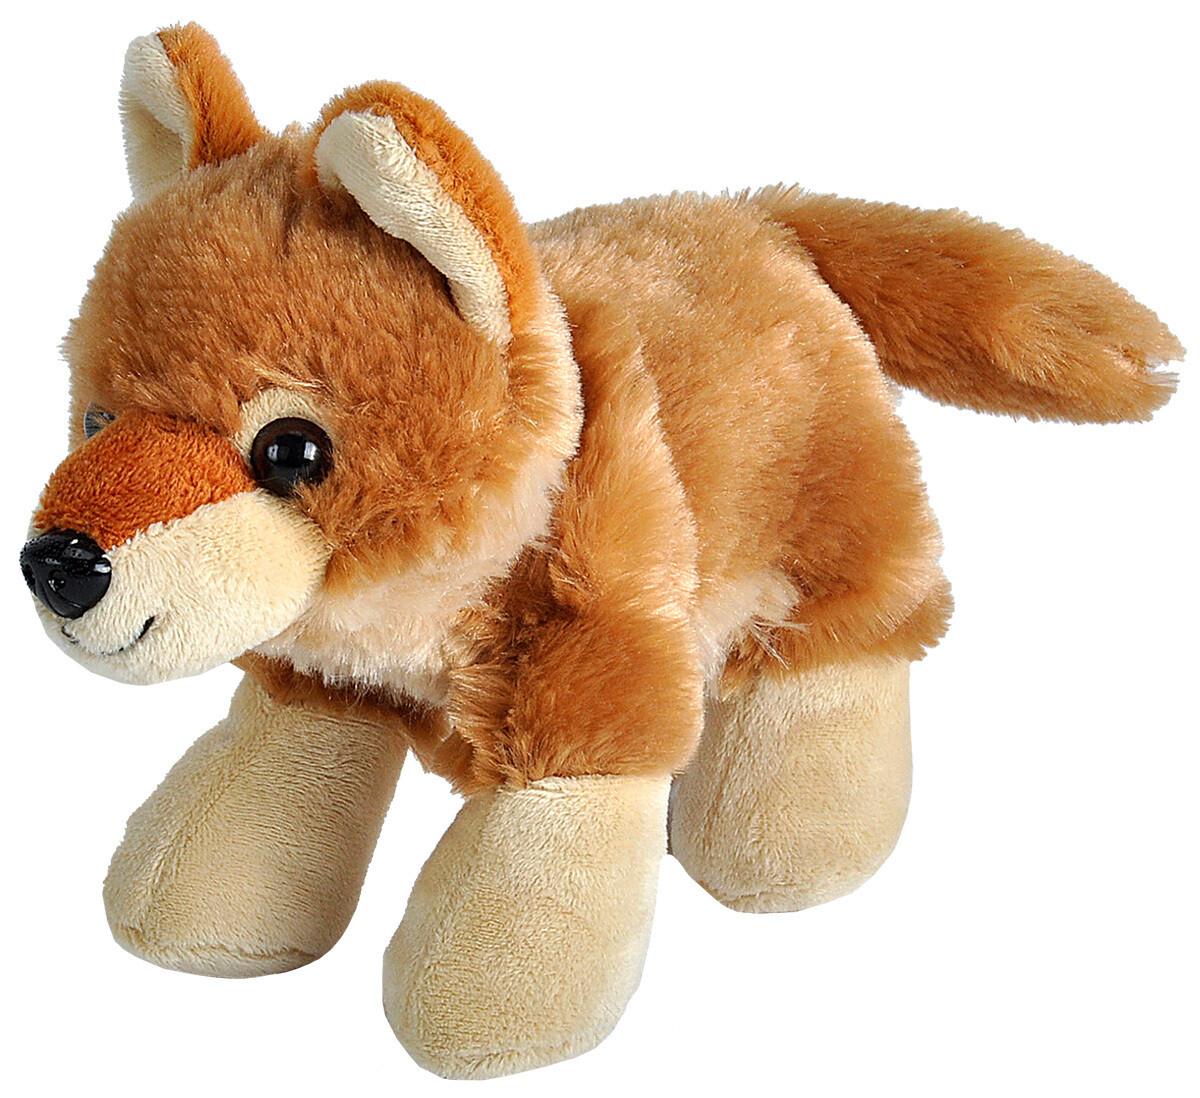 Hug'ems-Mini Coyote